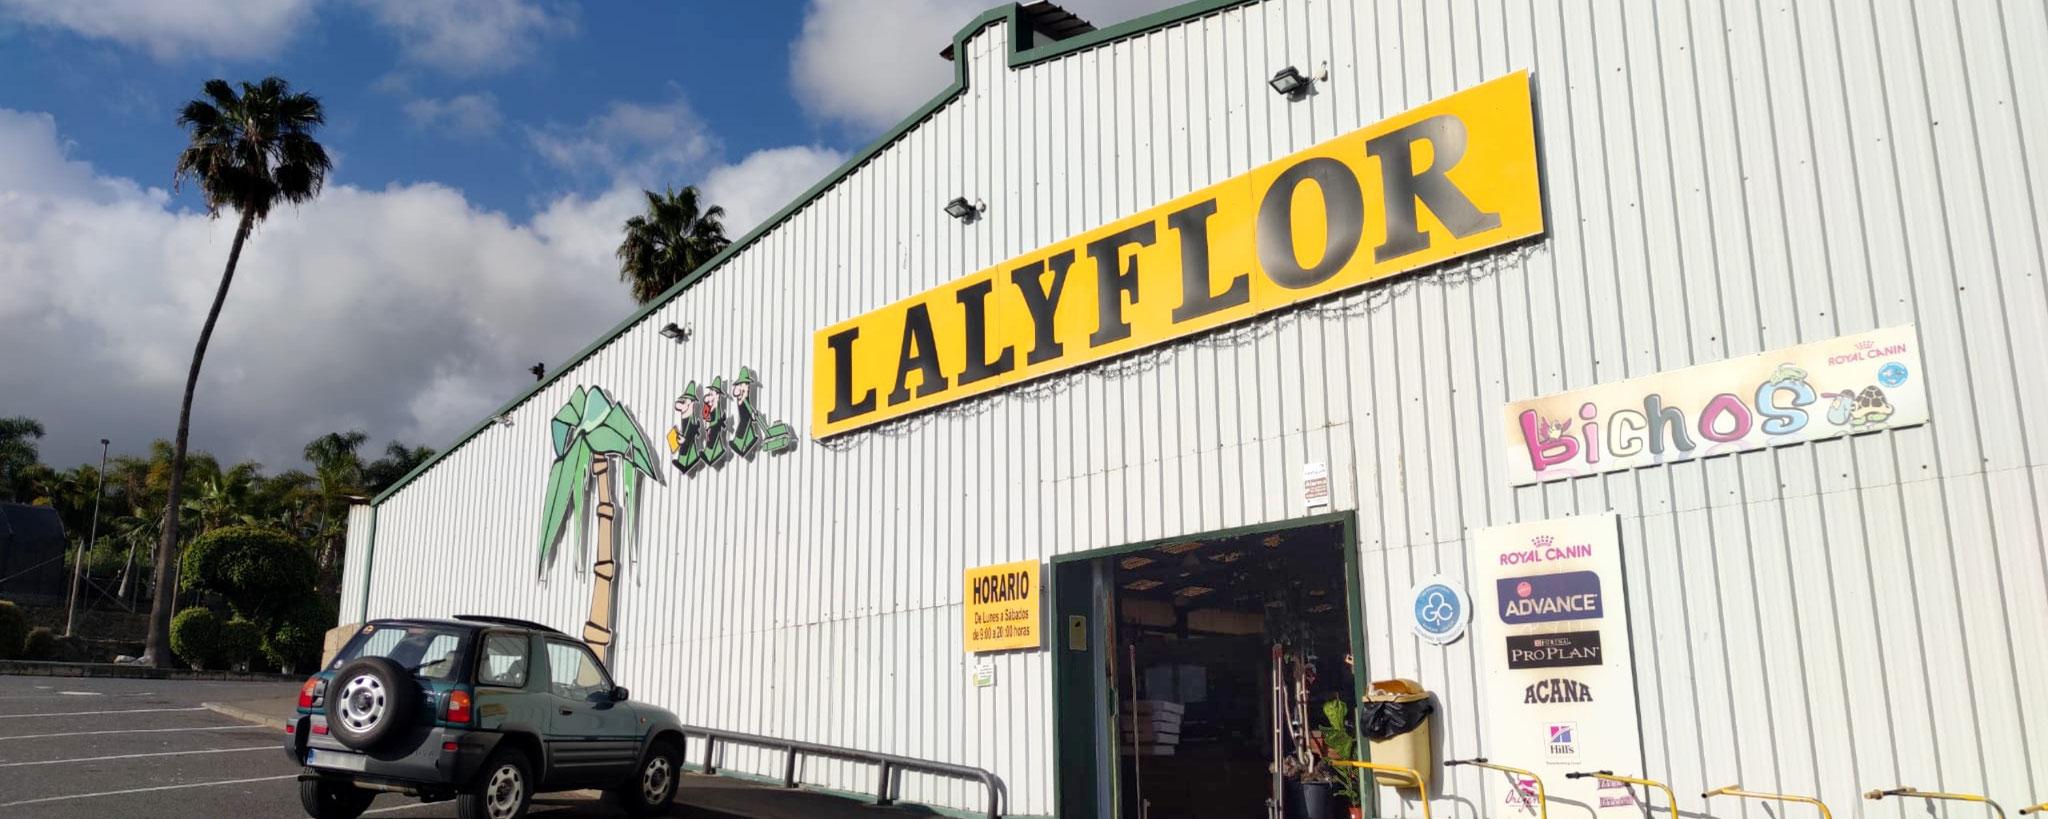 Lalyflor Garden Center en La Orotava